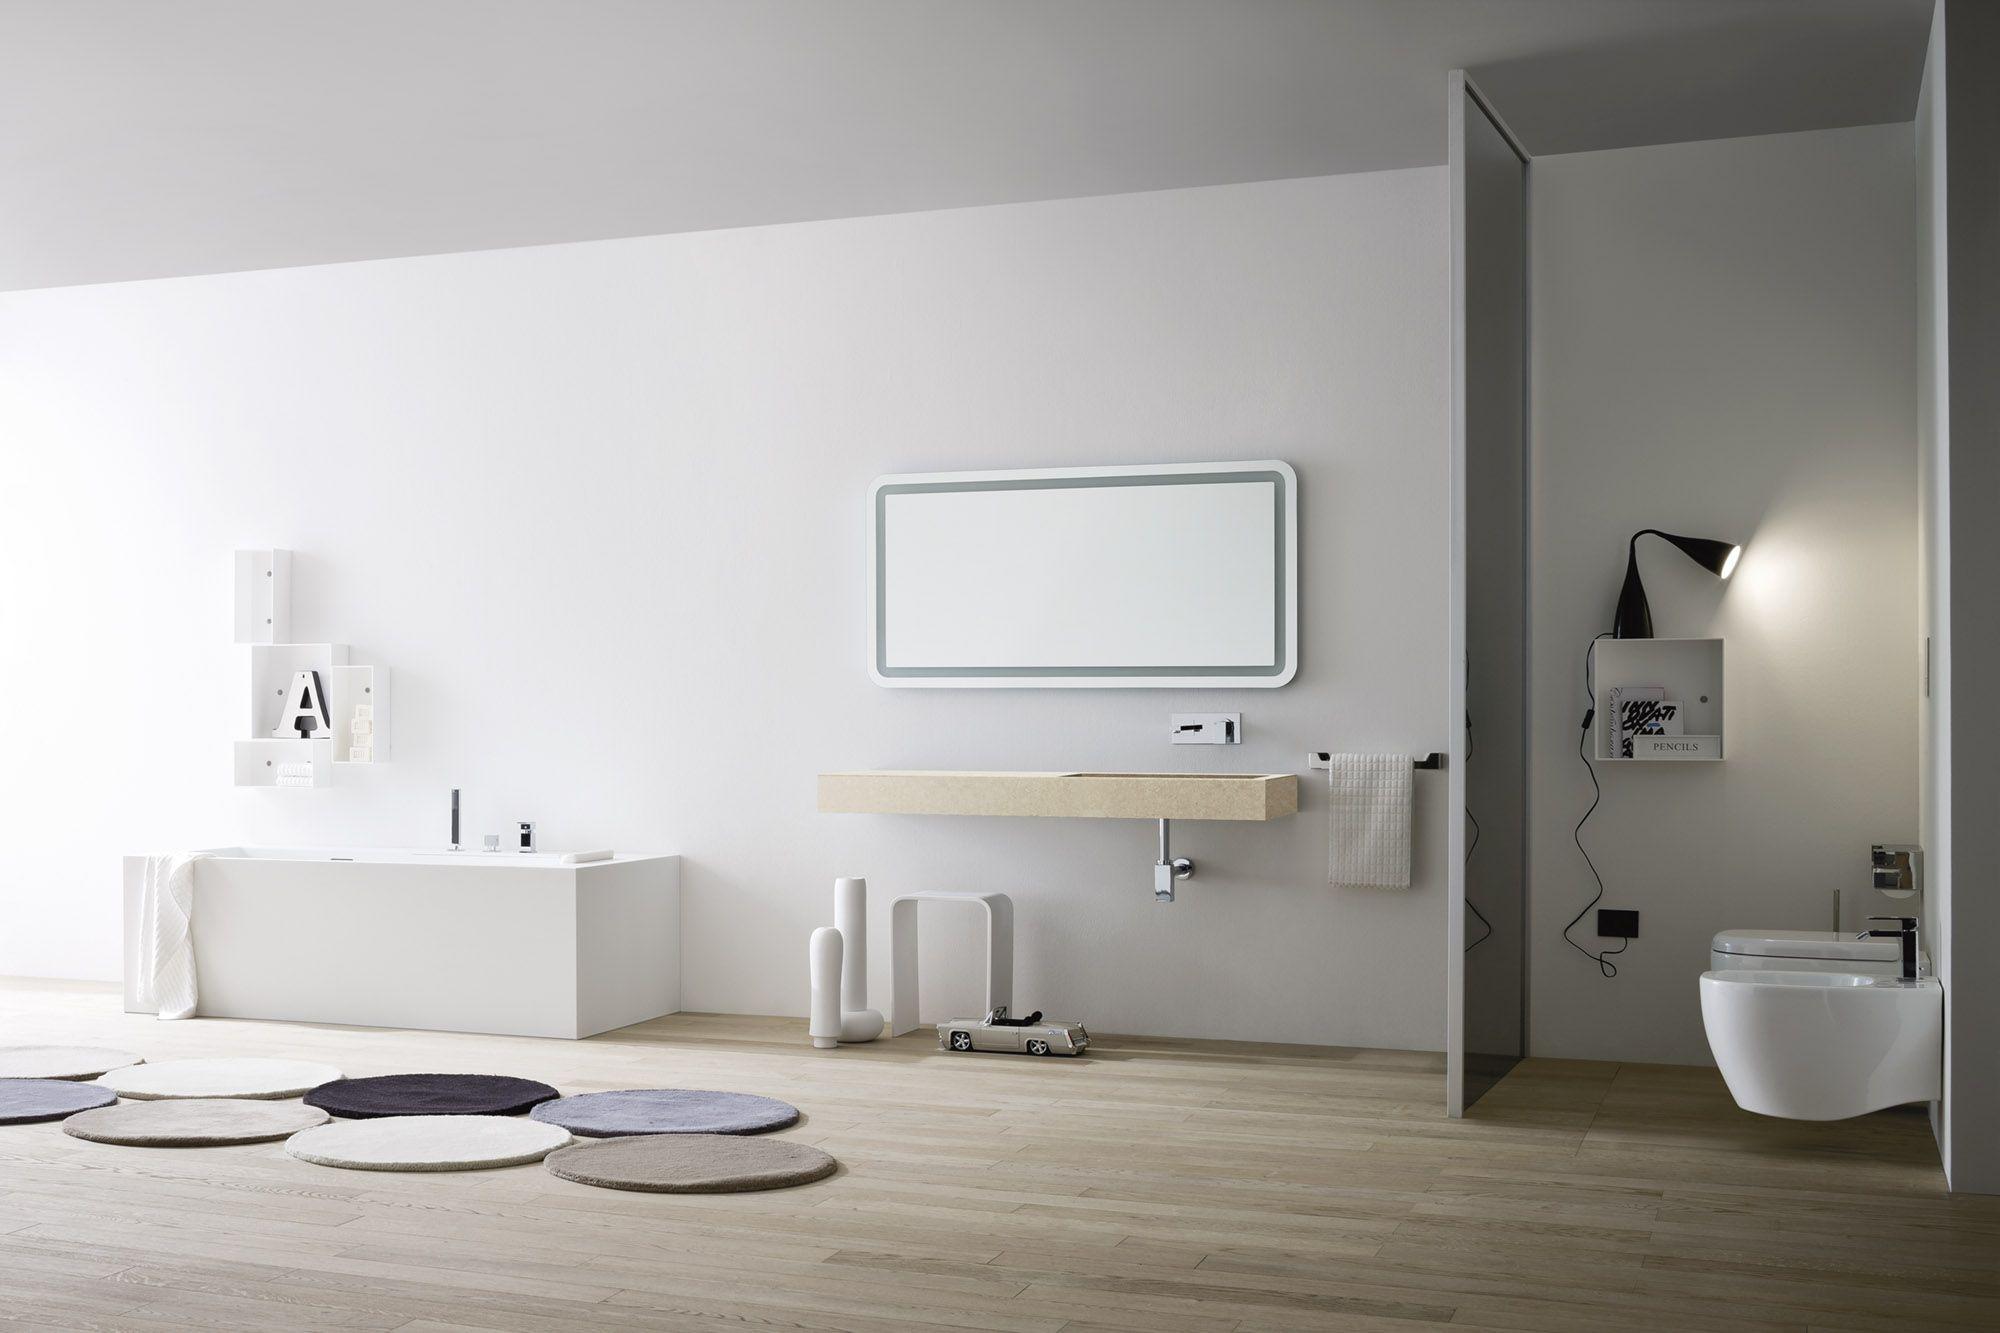 Unico lavabo de piedra by rexa design dise o imago design - Lavabos de piedra ...